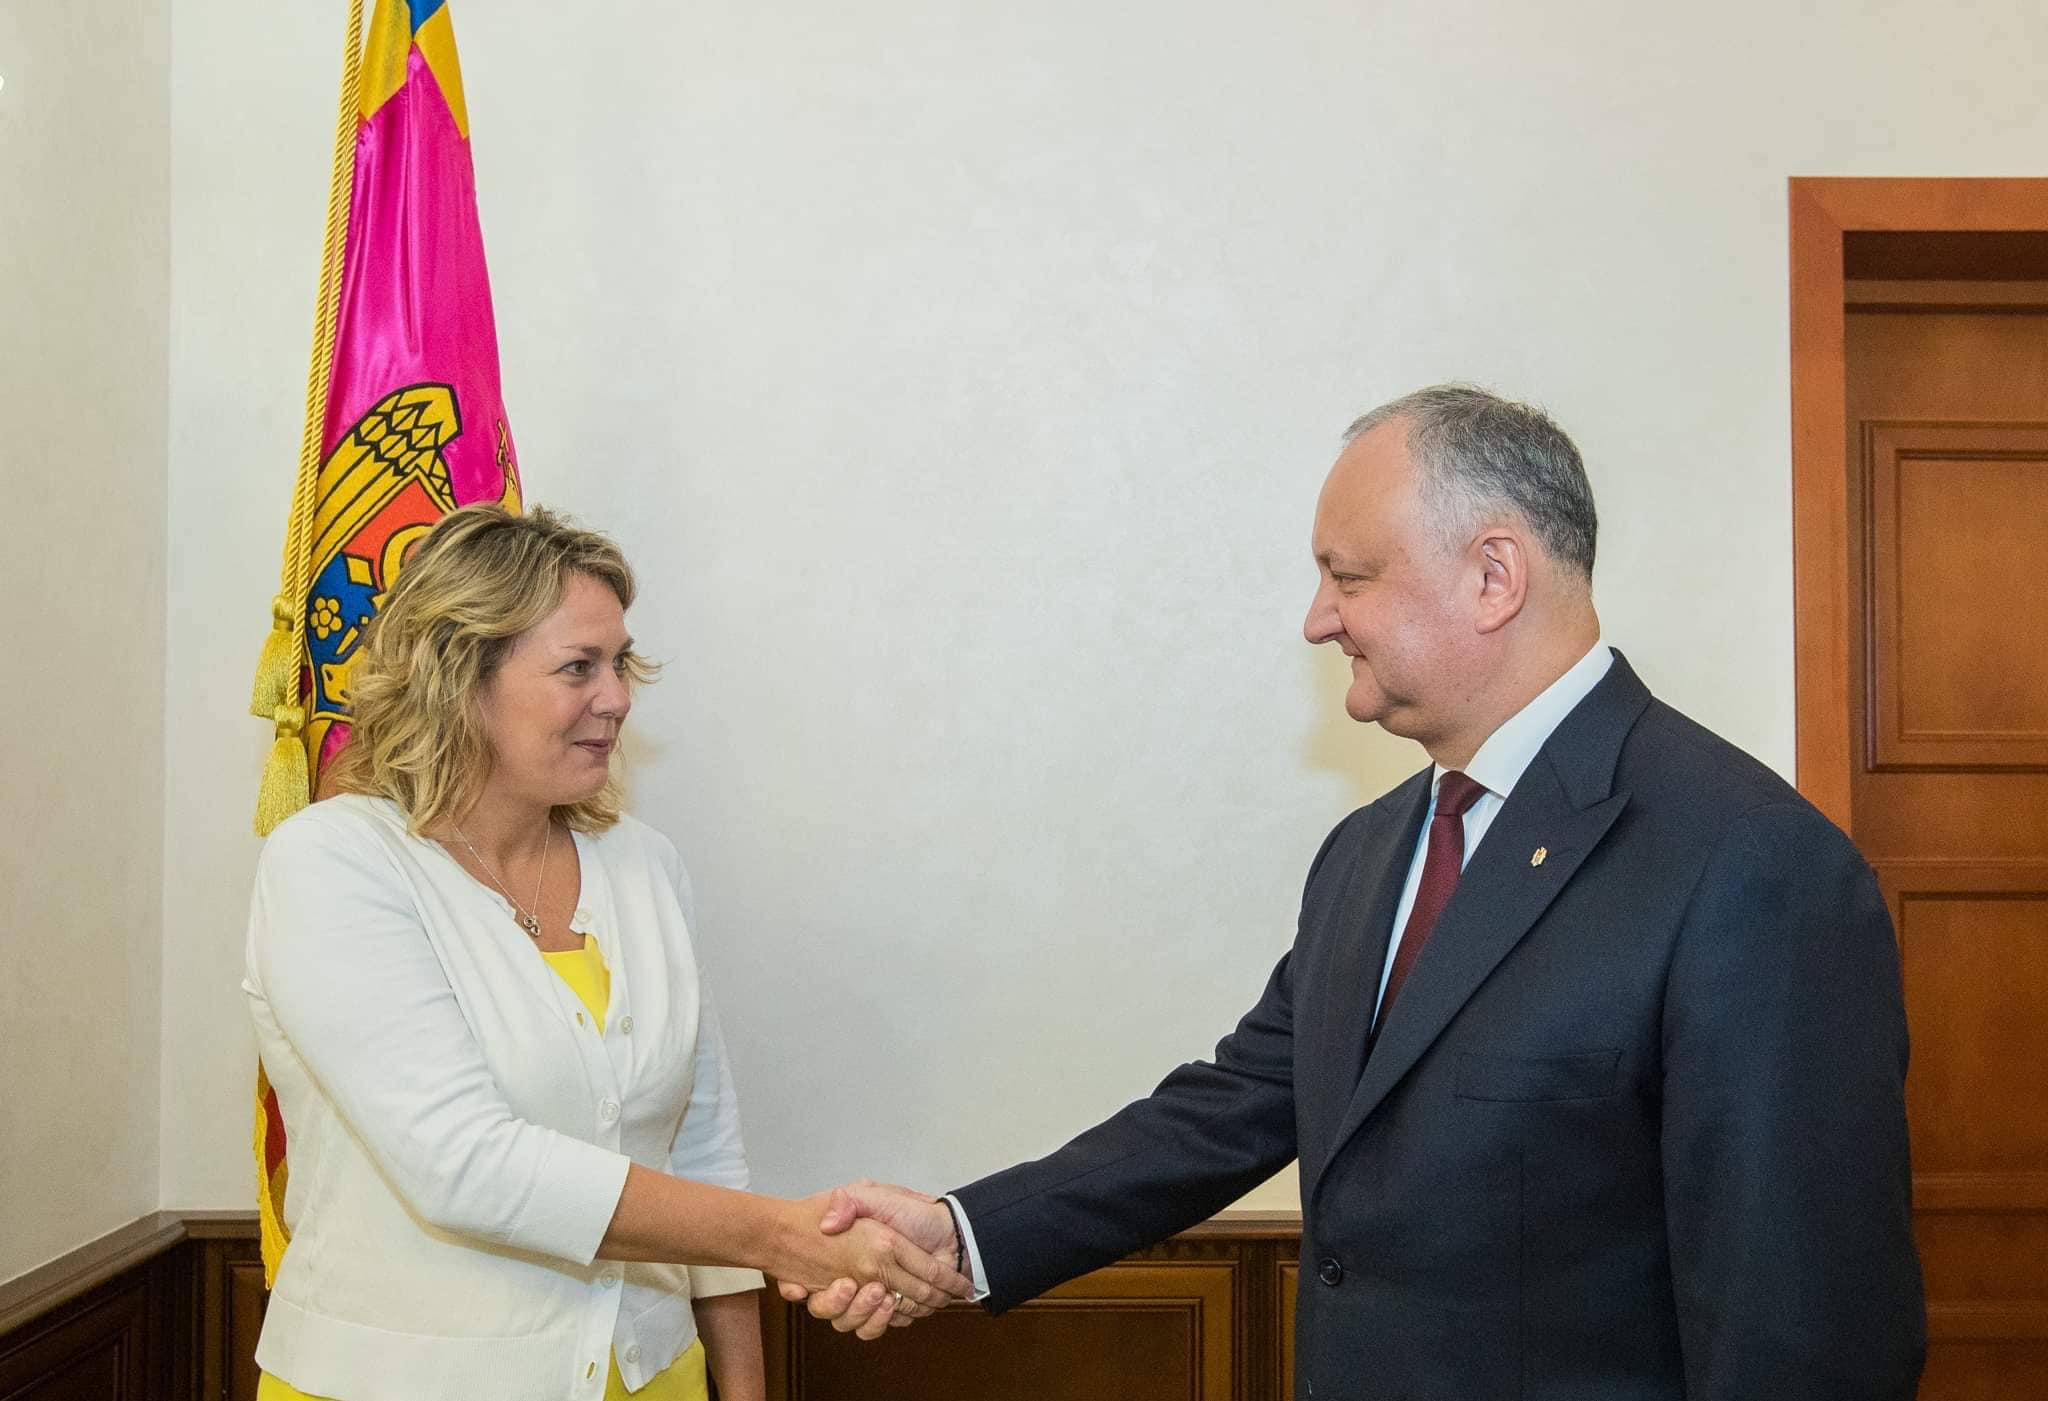 Президент провел встречу с новой главой миссии Международного республиканского института США в РМ (ФОТО, ВИДЕО)